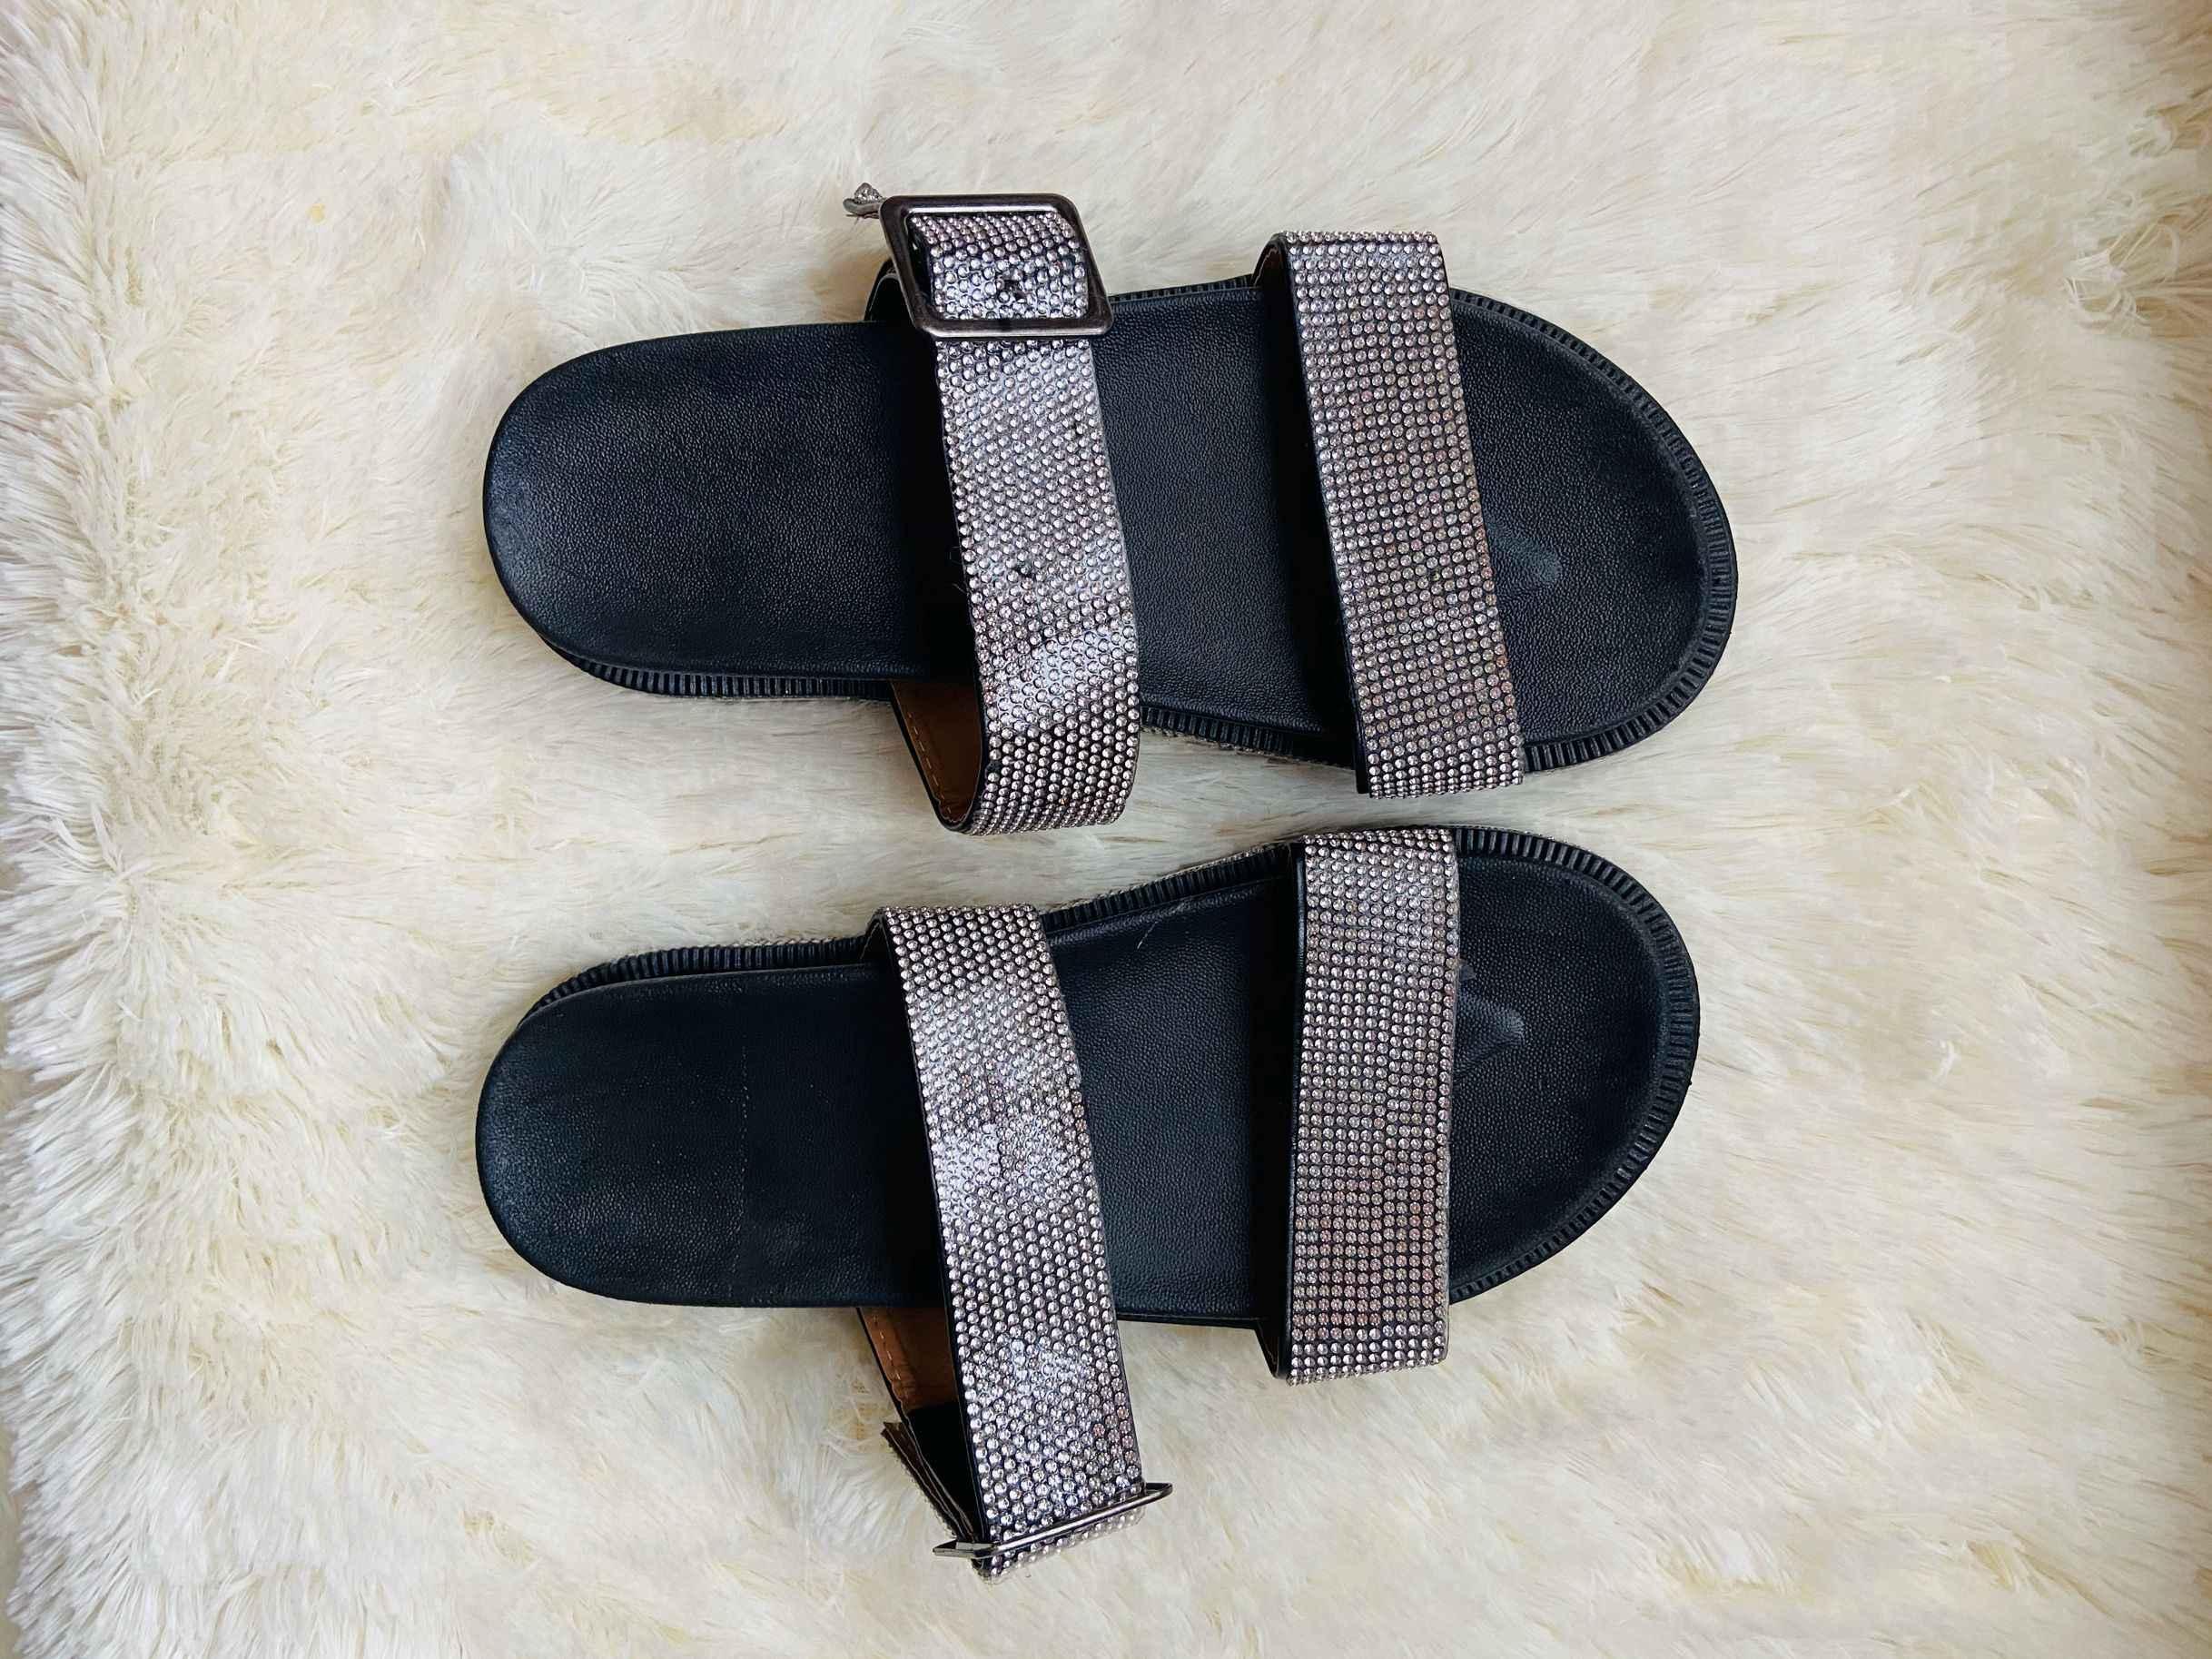 2019 yaz kadın ayakkabısı kama sandalet kalın platform terlik PU toka burnu açık terlik kalın alt kadın kaymaz ol